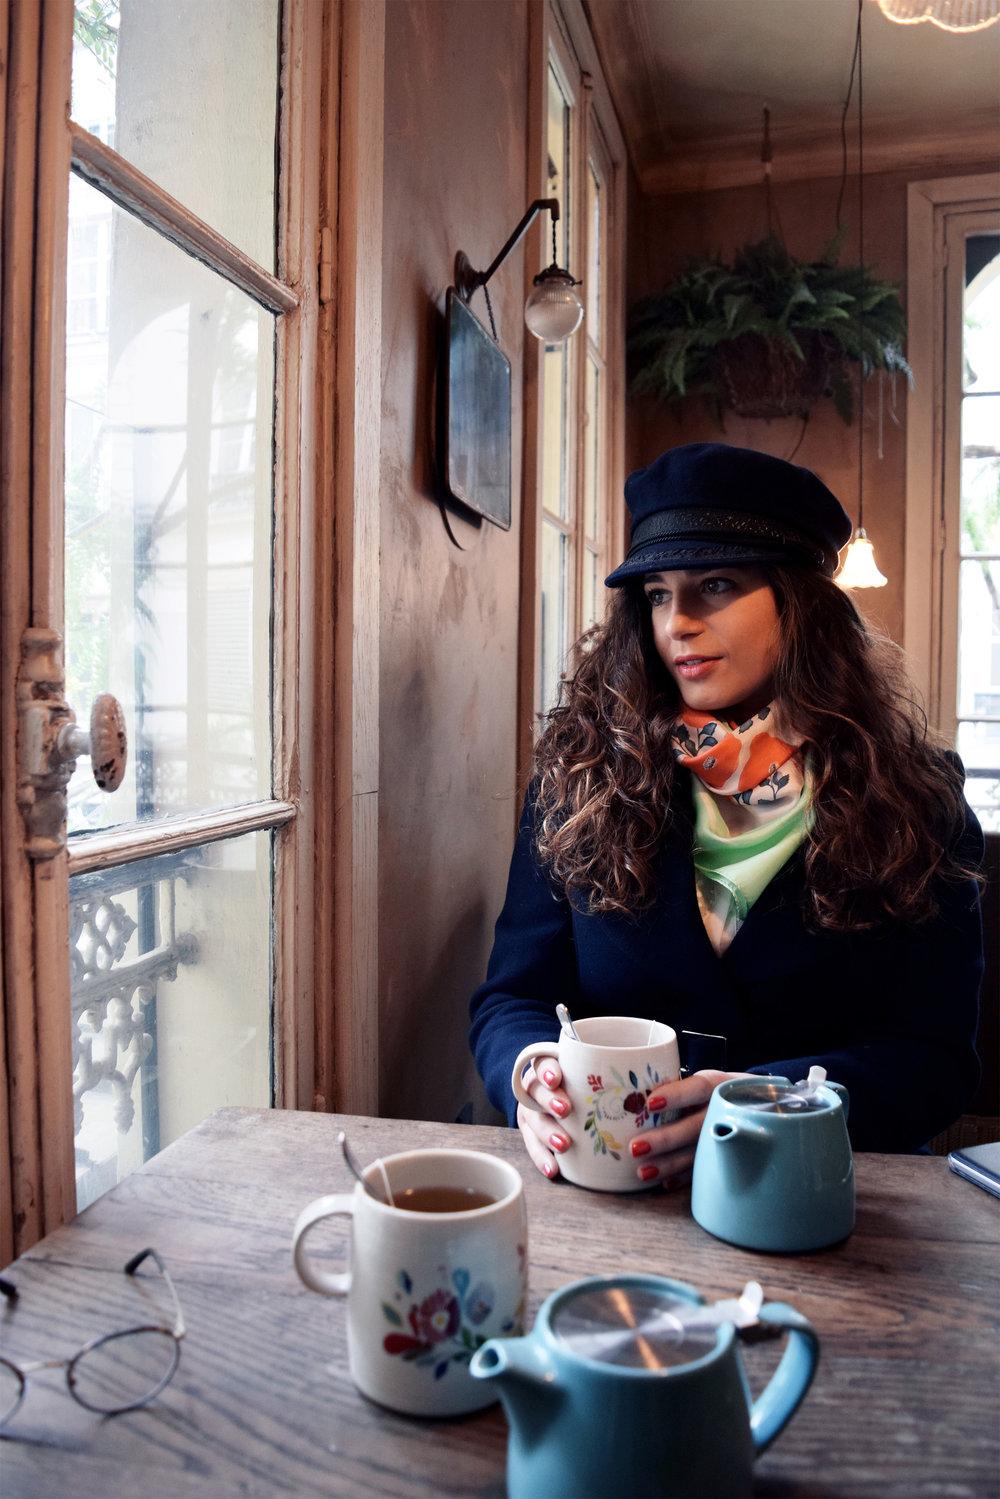 petitjean paris. parisian brand. portrait of parisian girls. saint germain des près vintage café